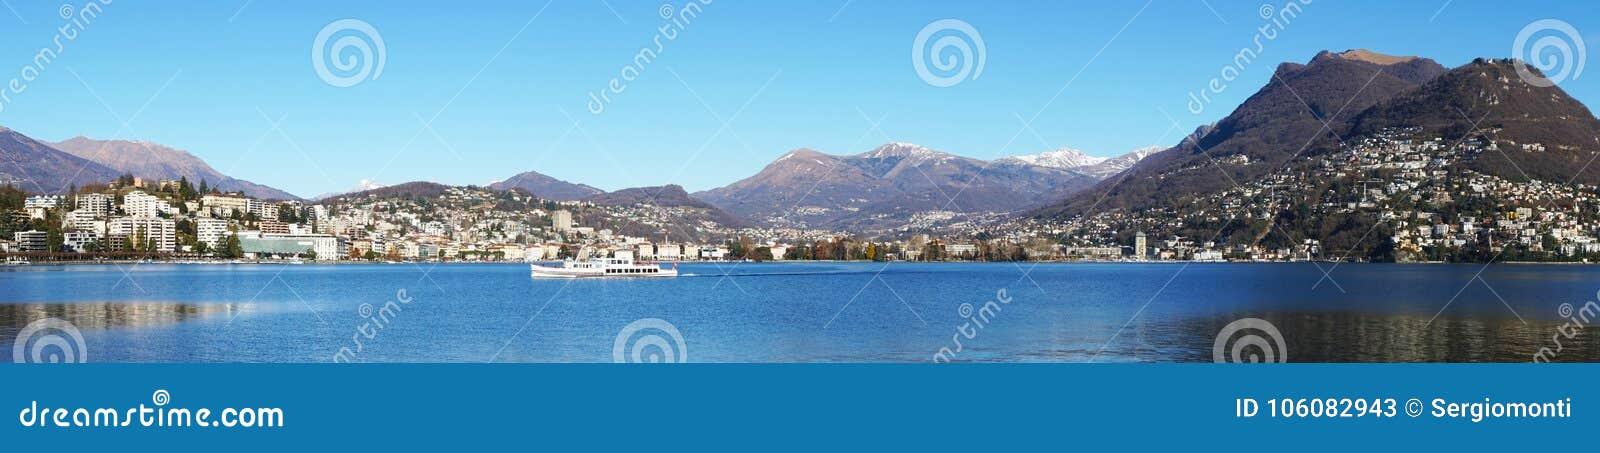 Panoramautsikt av sjön Lugano, Schweiz, Europa